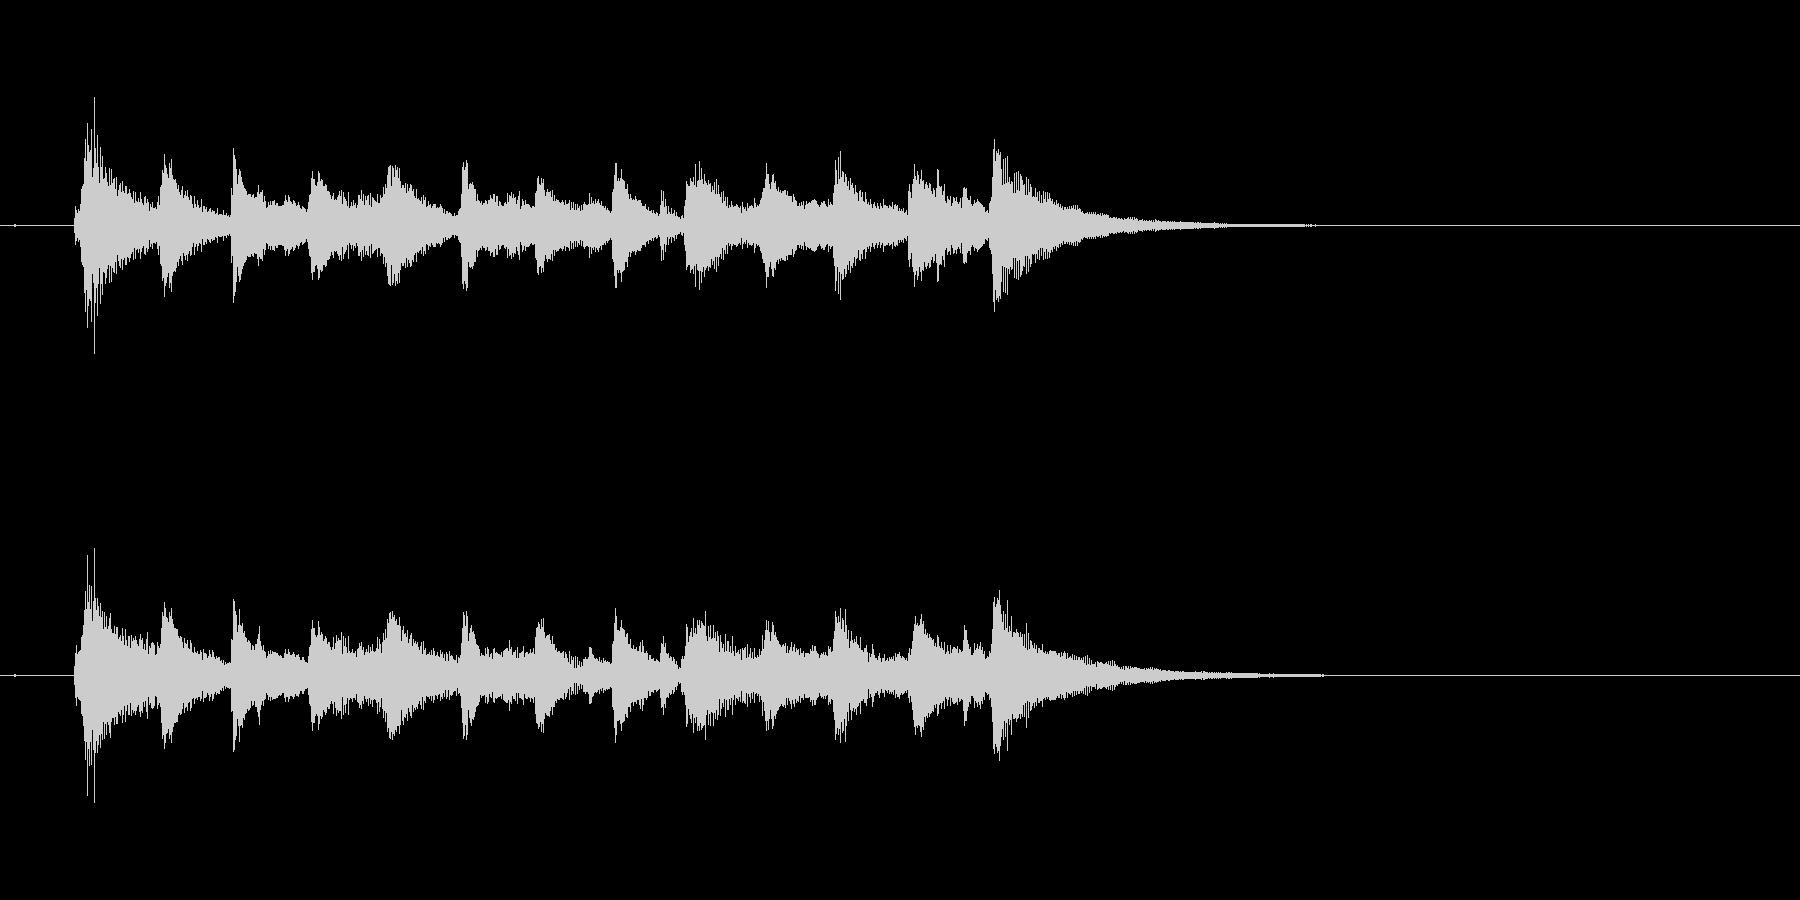 ジャズ 大人 ピアノ 夜 ウッドベースの未再生の波形